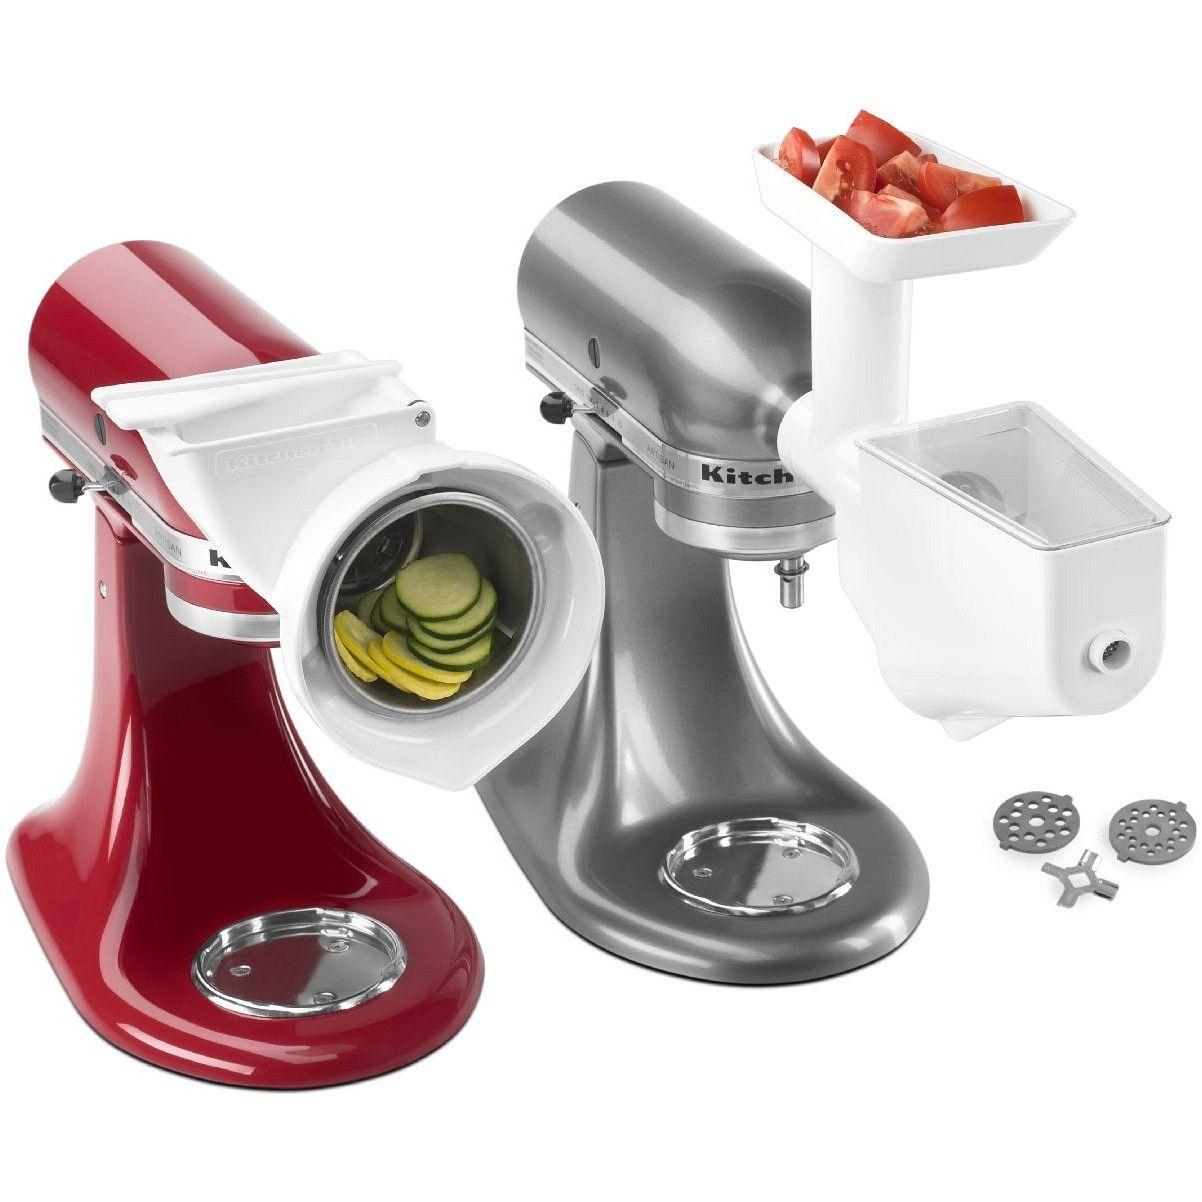 Kitchen aid mixer attachment pack kitchen aid mixer